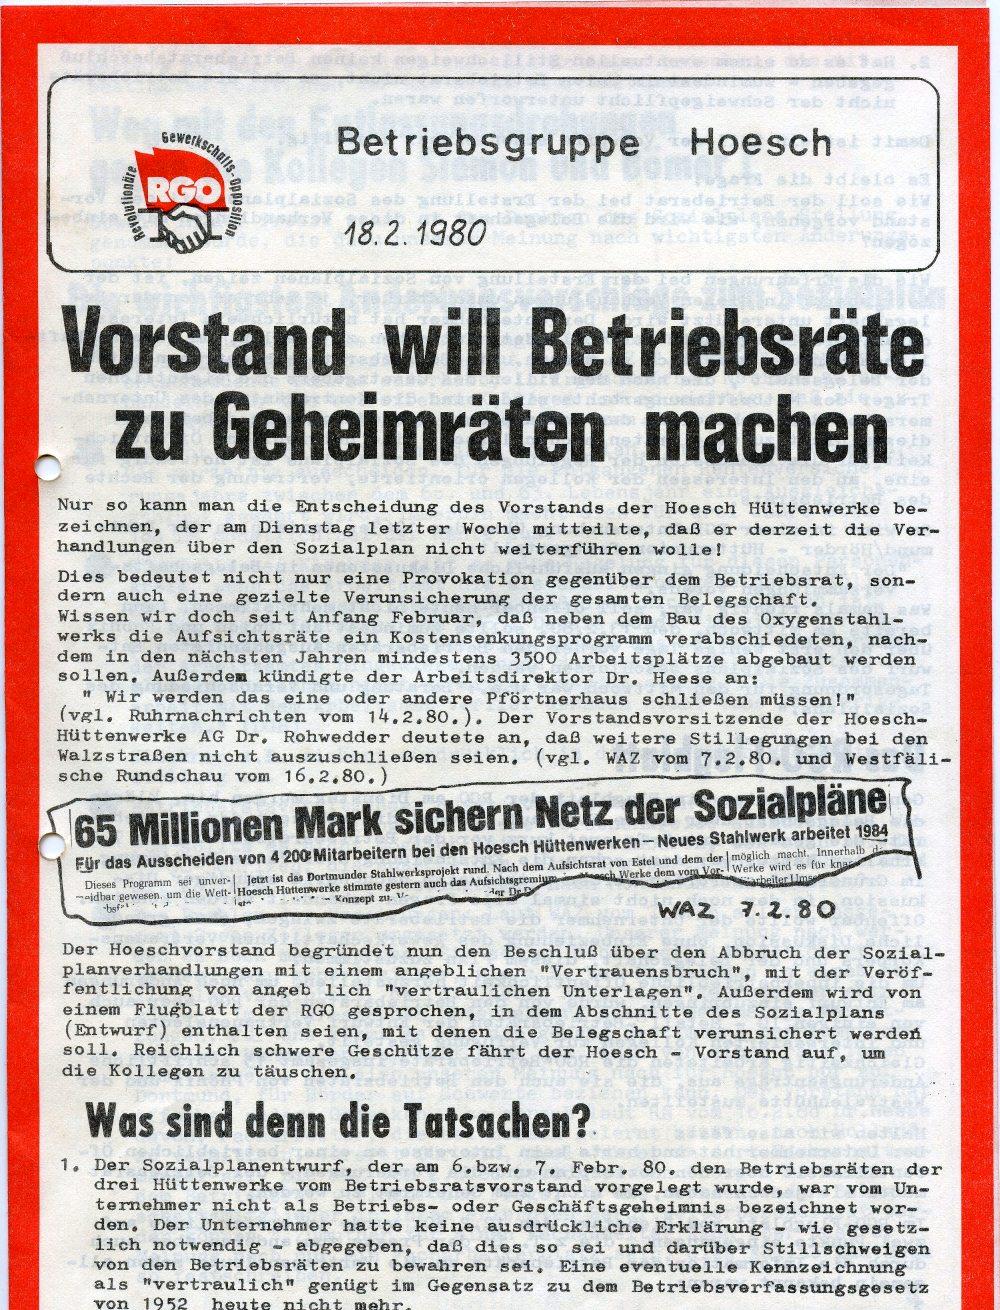 BG_Hoesch_RGO_Flugblatt_1980_01